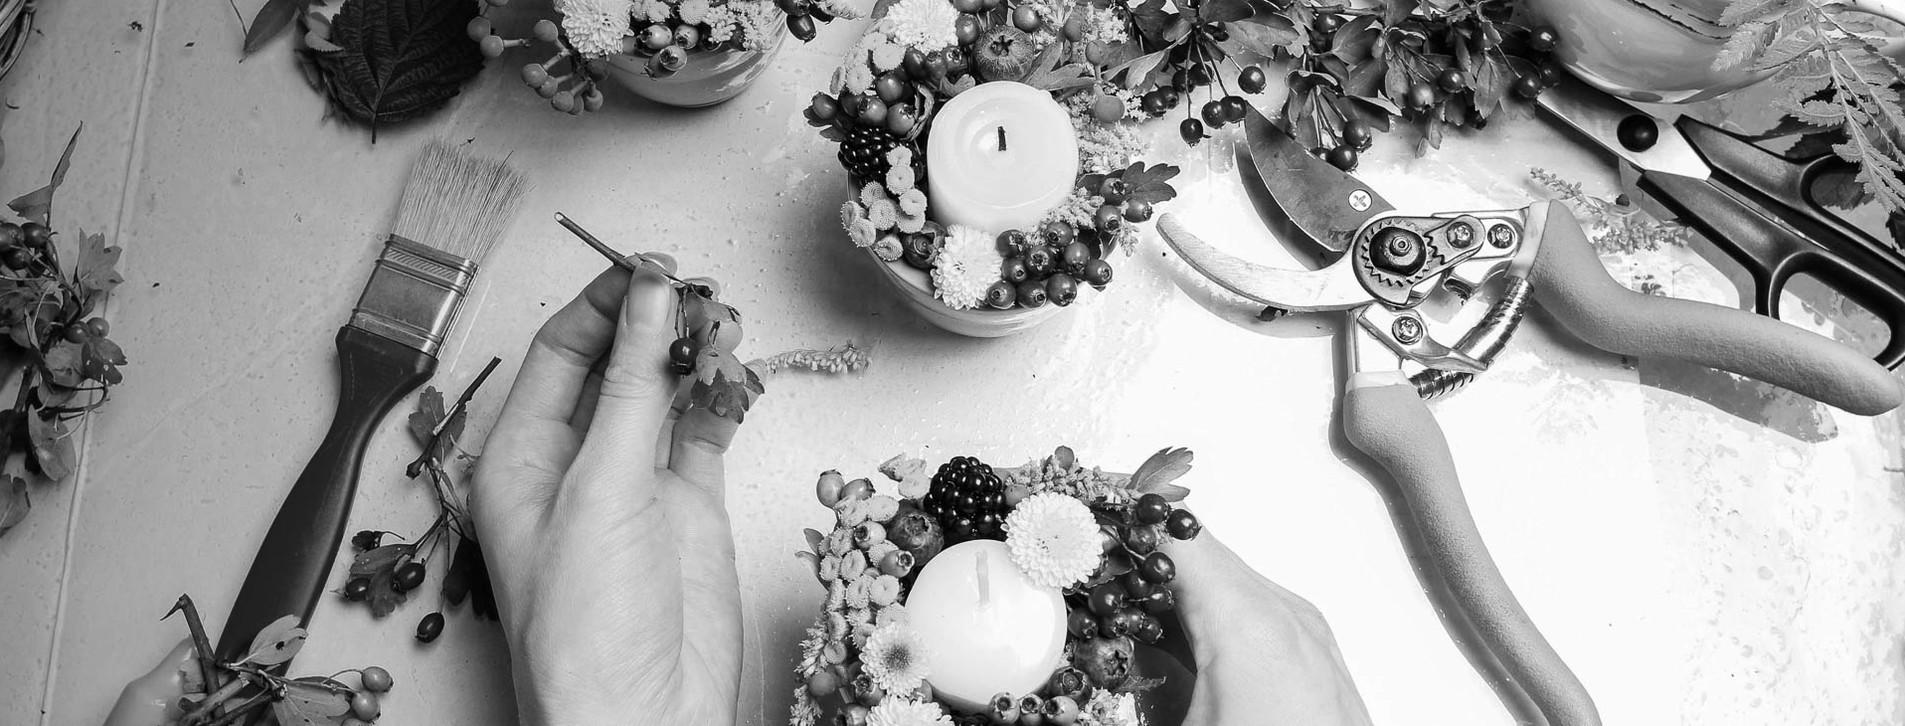 Фото - Мастер-класс изготовления свечи